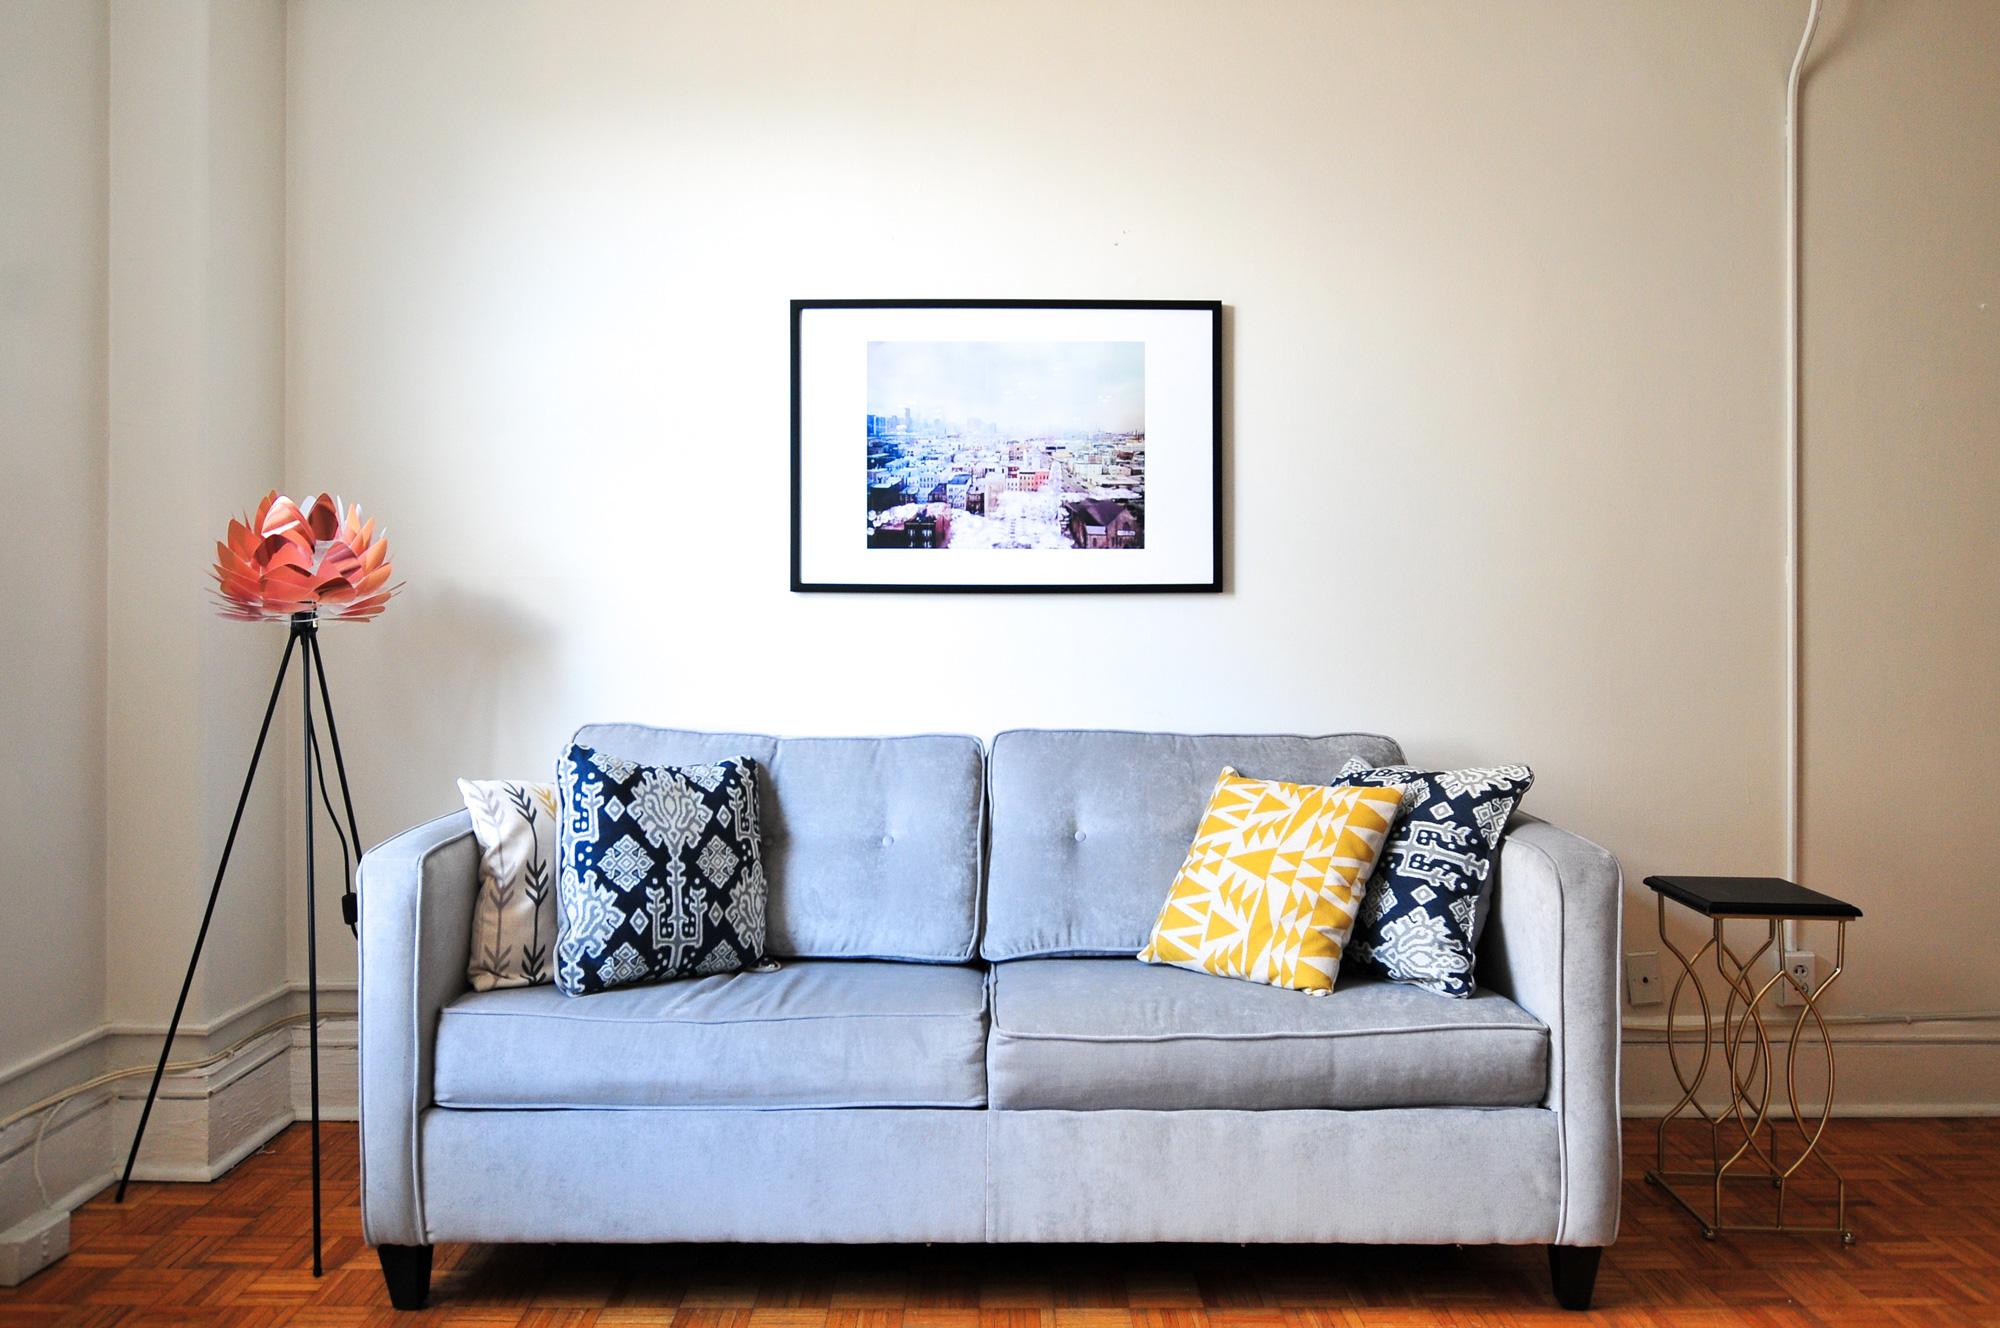 8. NE: Nemojte da vam jastuci postanu grudasti. Pristojni jastuci su luksuz koji svi cijene, stoga posegnite za nekim stvarno lijepim mekanim jastucima i često ih zamjenjujte. Spuštanje glave na čisti, privlačni jastuk na kraju dugog dana razgledavanja izuzetno je iskustvo i pomoći će vam da dobijete sjajne recenzije.